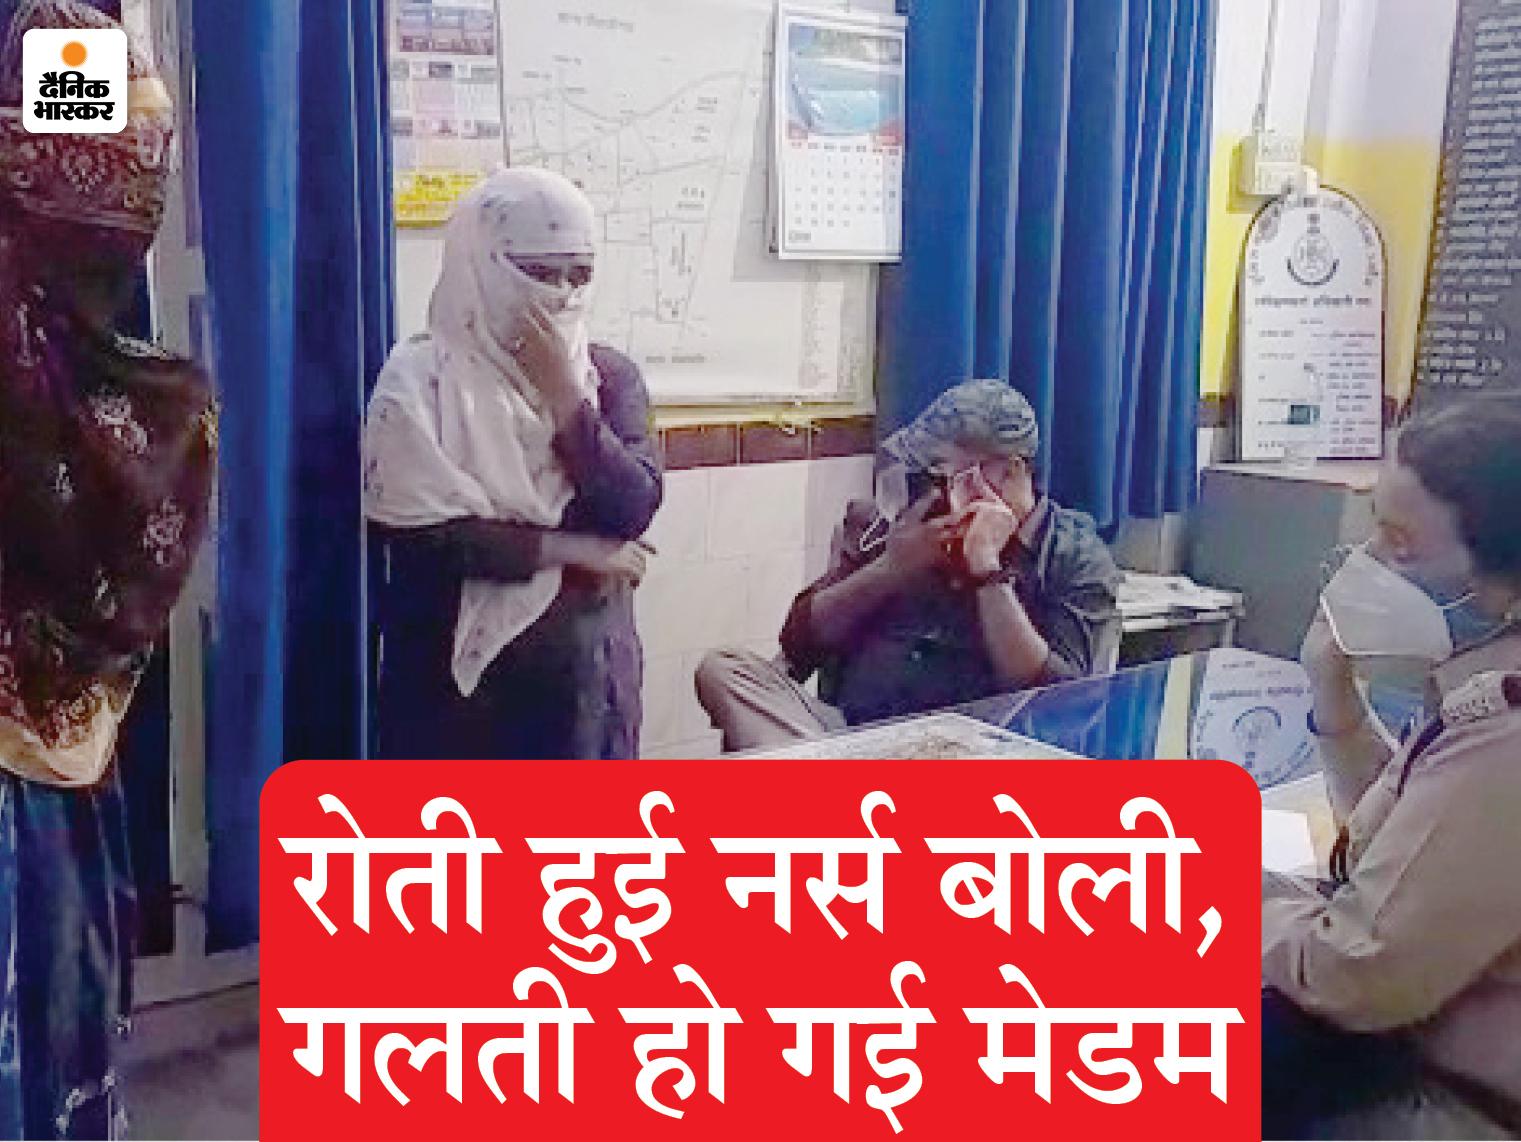 मरीज को लगाने की जगह रेमडेसिविर इंजेक्शन रख लेती थी चरक अस्पताल की दो नर्स; युवक के जरिए ब्लैक में 20 हजार में बेच देती थीं|उज्जैन,Ujjain - Dainik Bhaskar